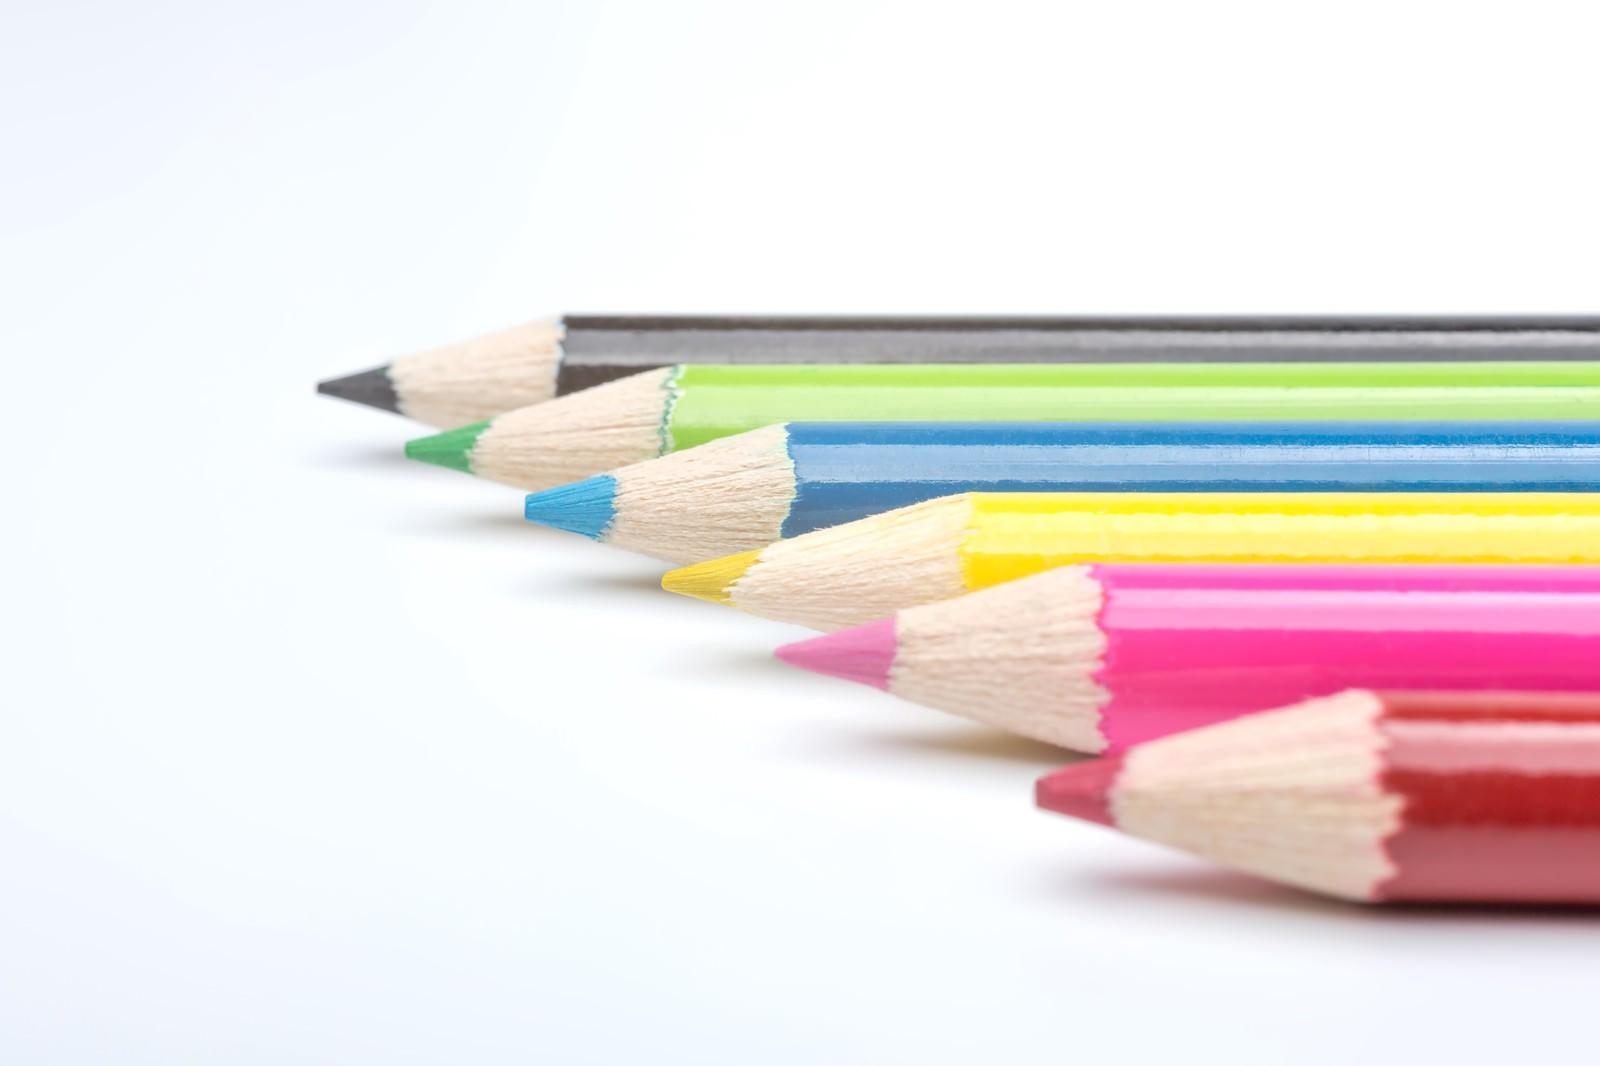 「カラフル色鉛筆カラフル色鉛筆」のフリー写真素材を拡大